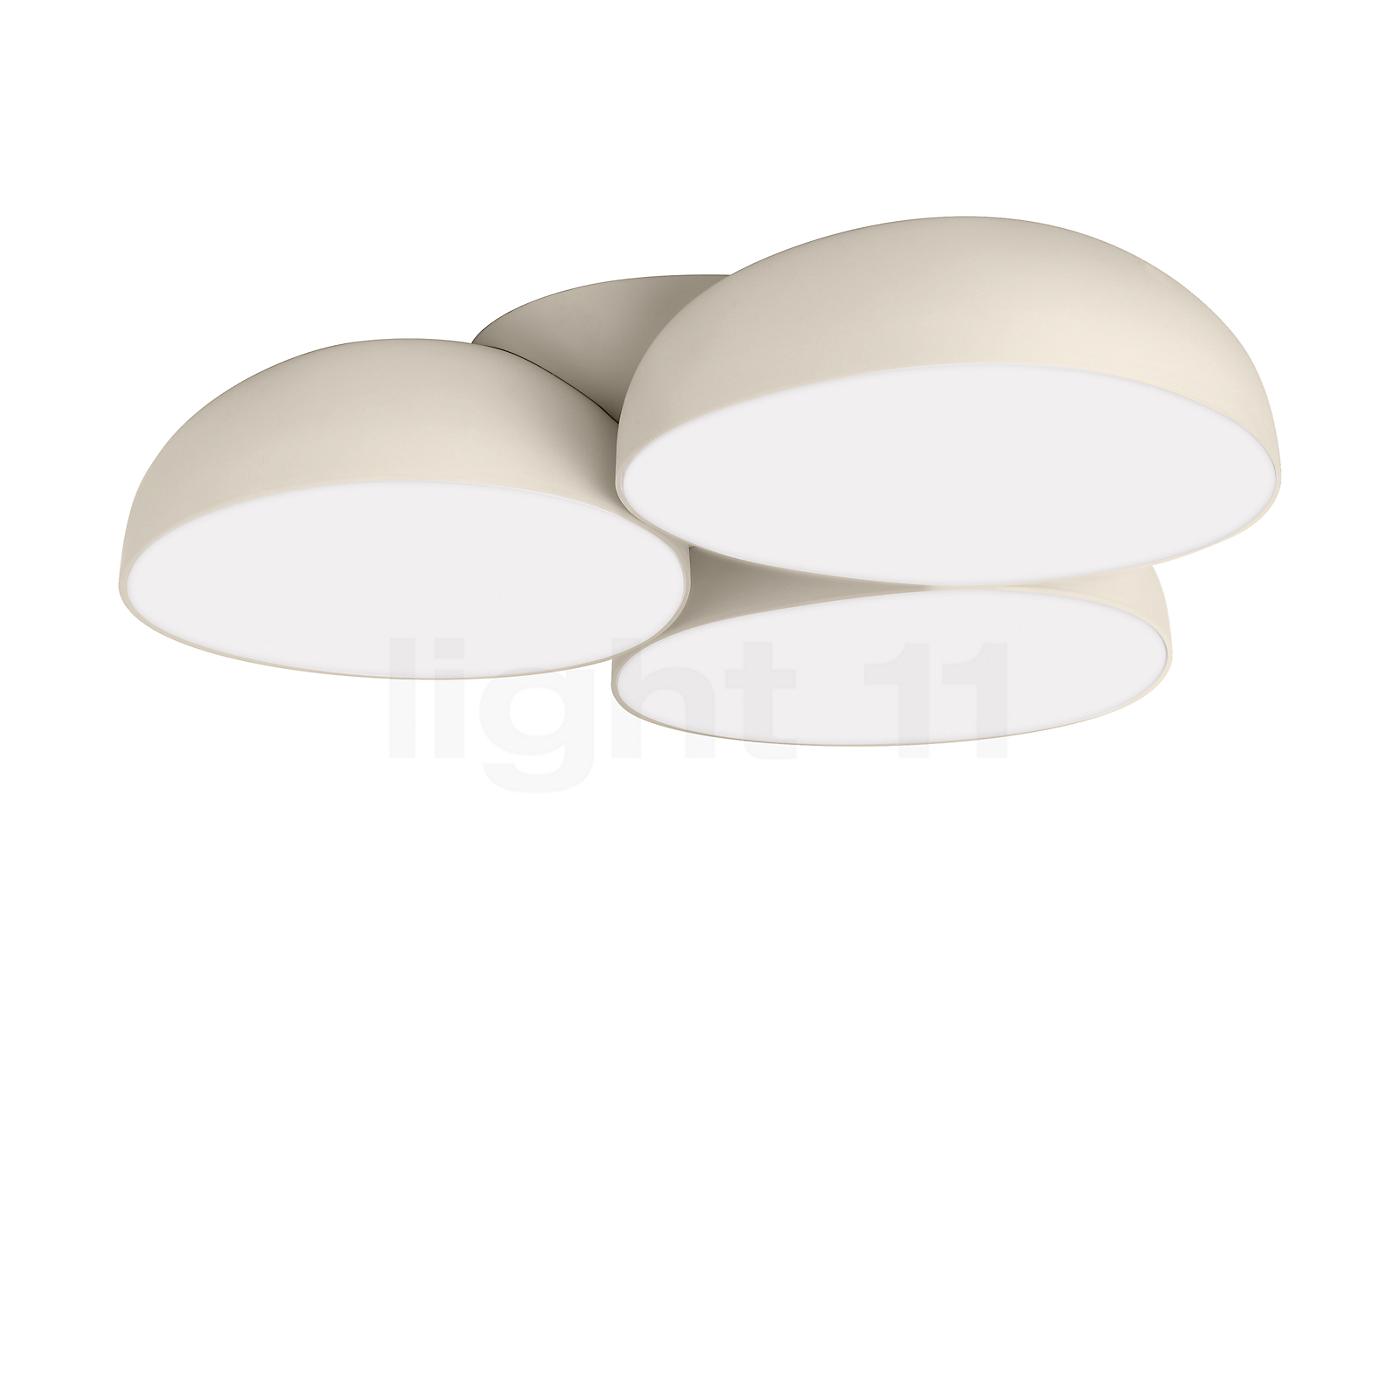 Lampade Design Economiche: Lampadari torino - le recensioni delle tue lampade di design.